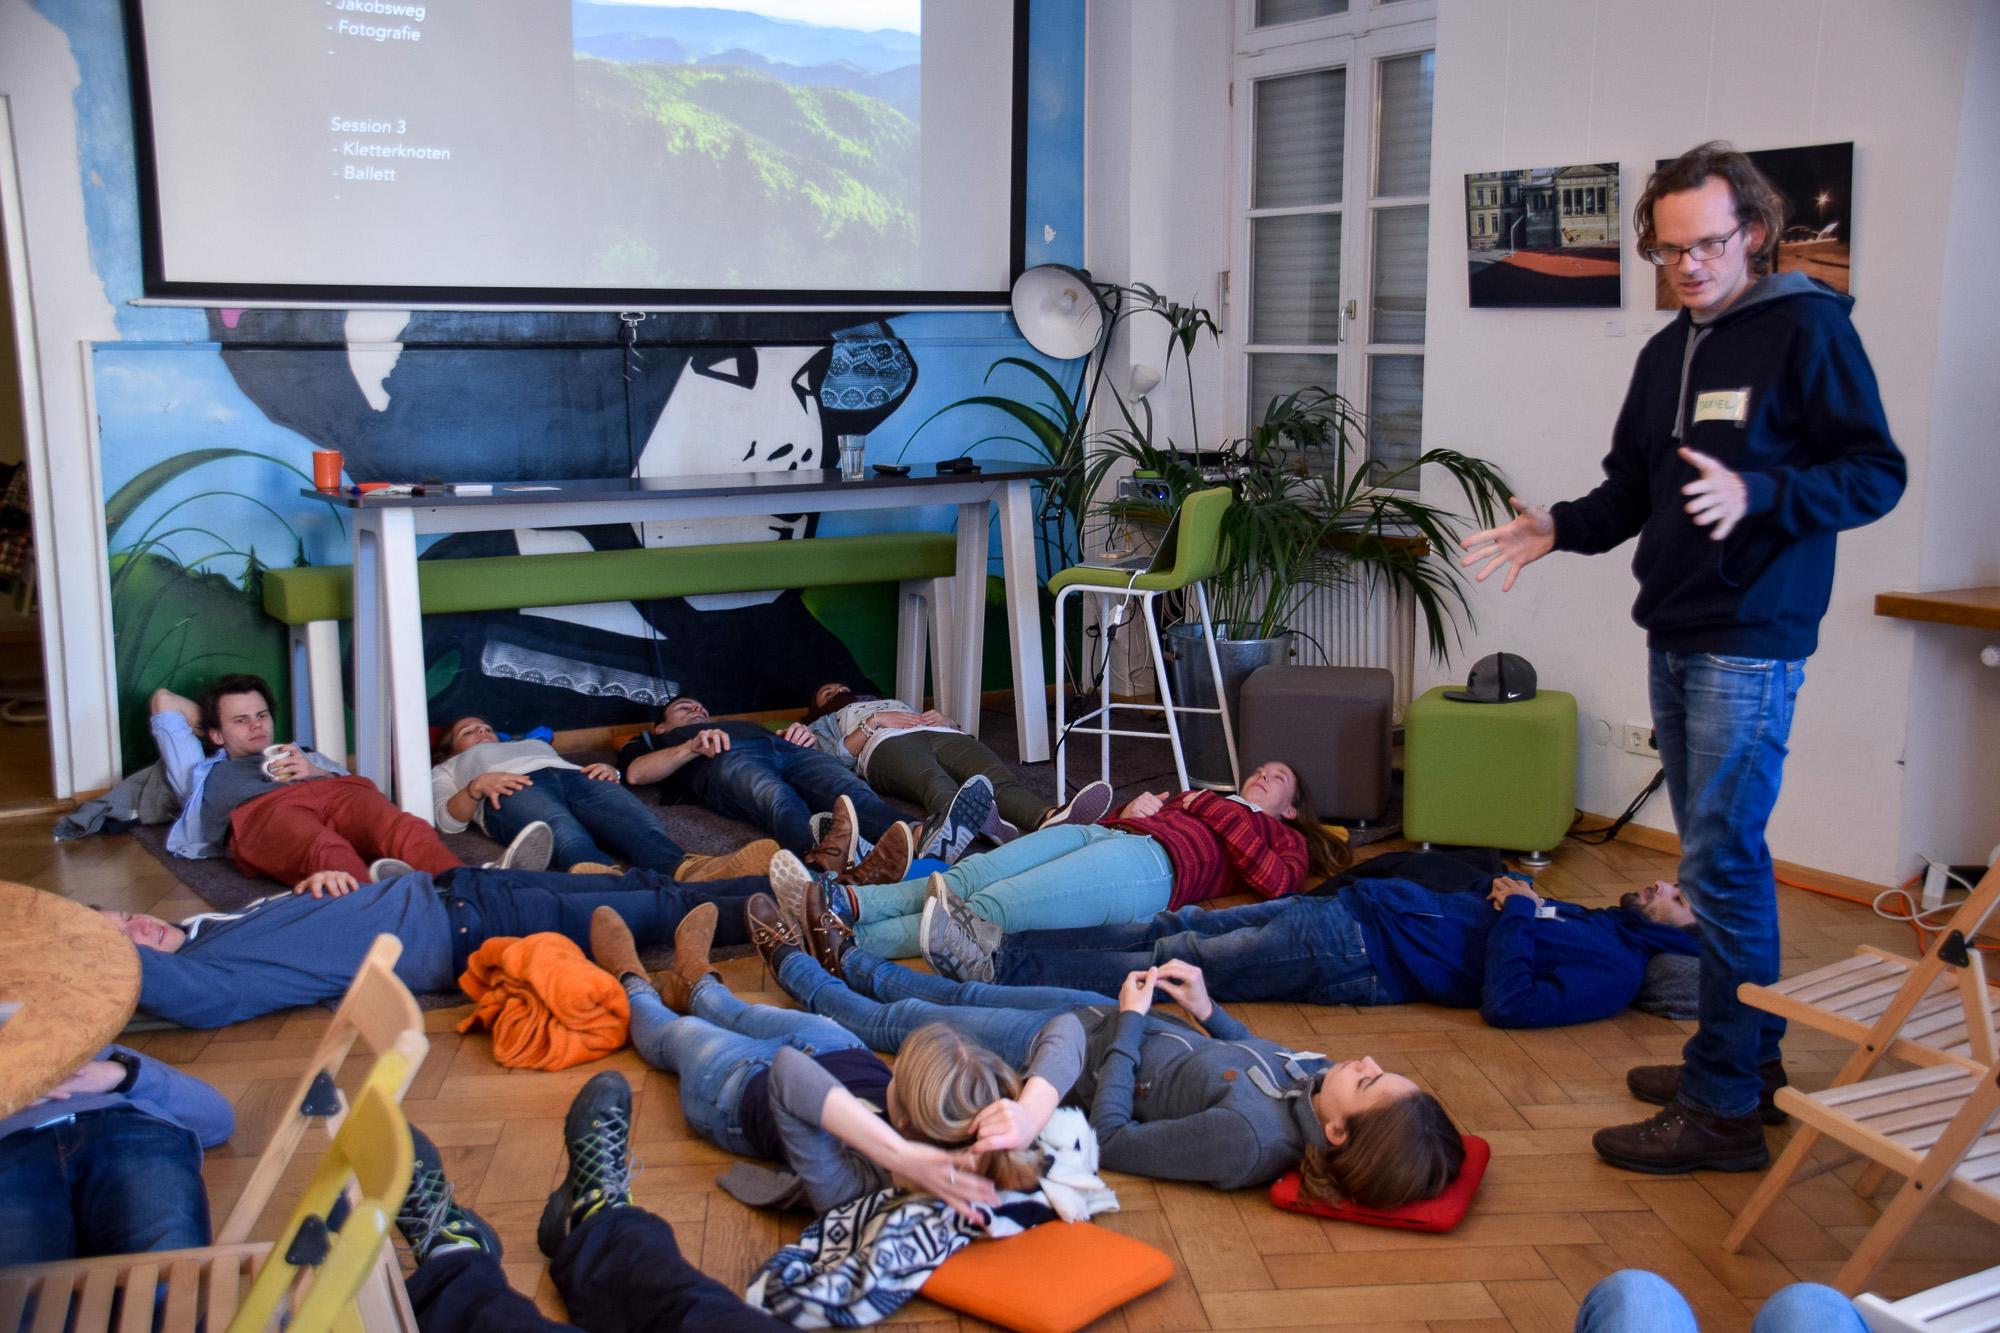 In den spontanen Workshops war so einiges geboten.Auf dem Boden liegend...